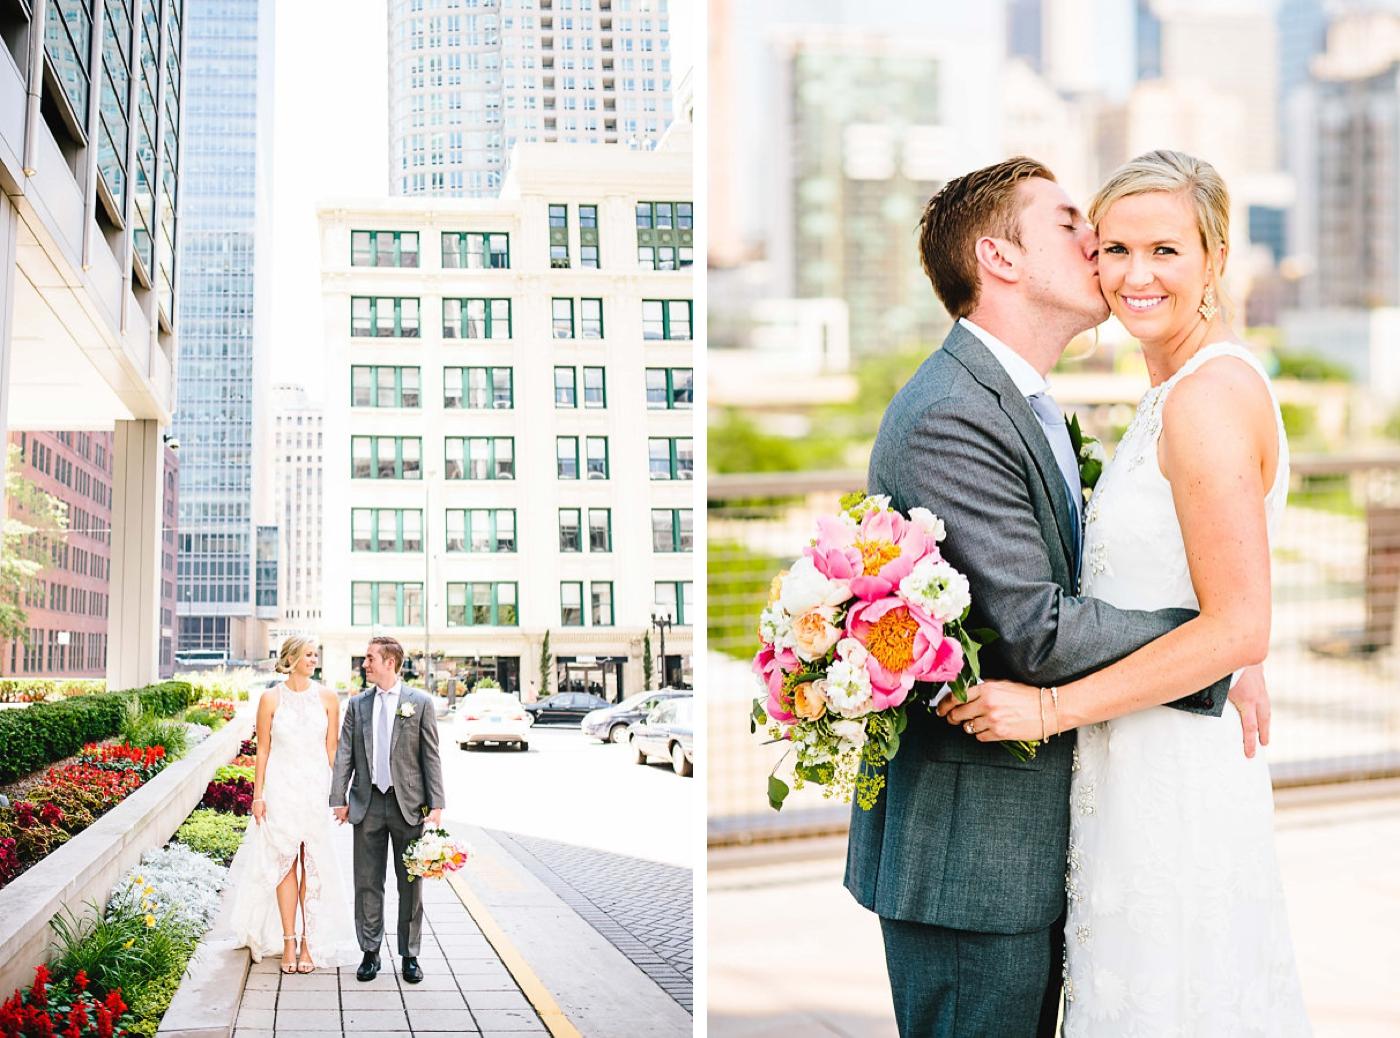 chicago-fine-art-wedding-photography-hrebic15